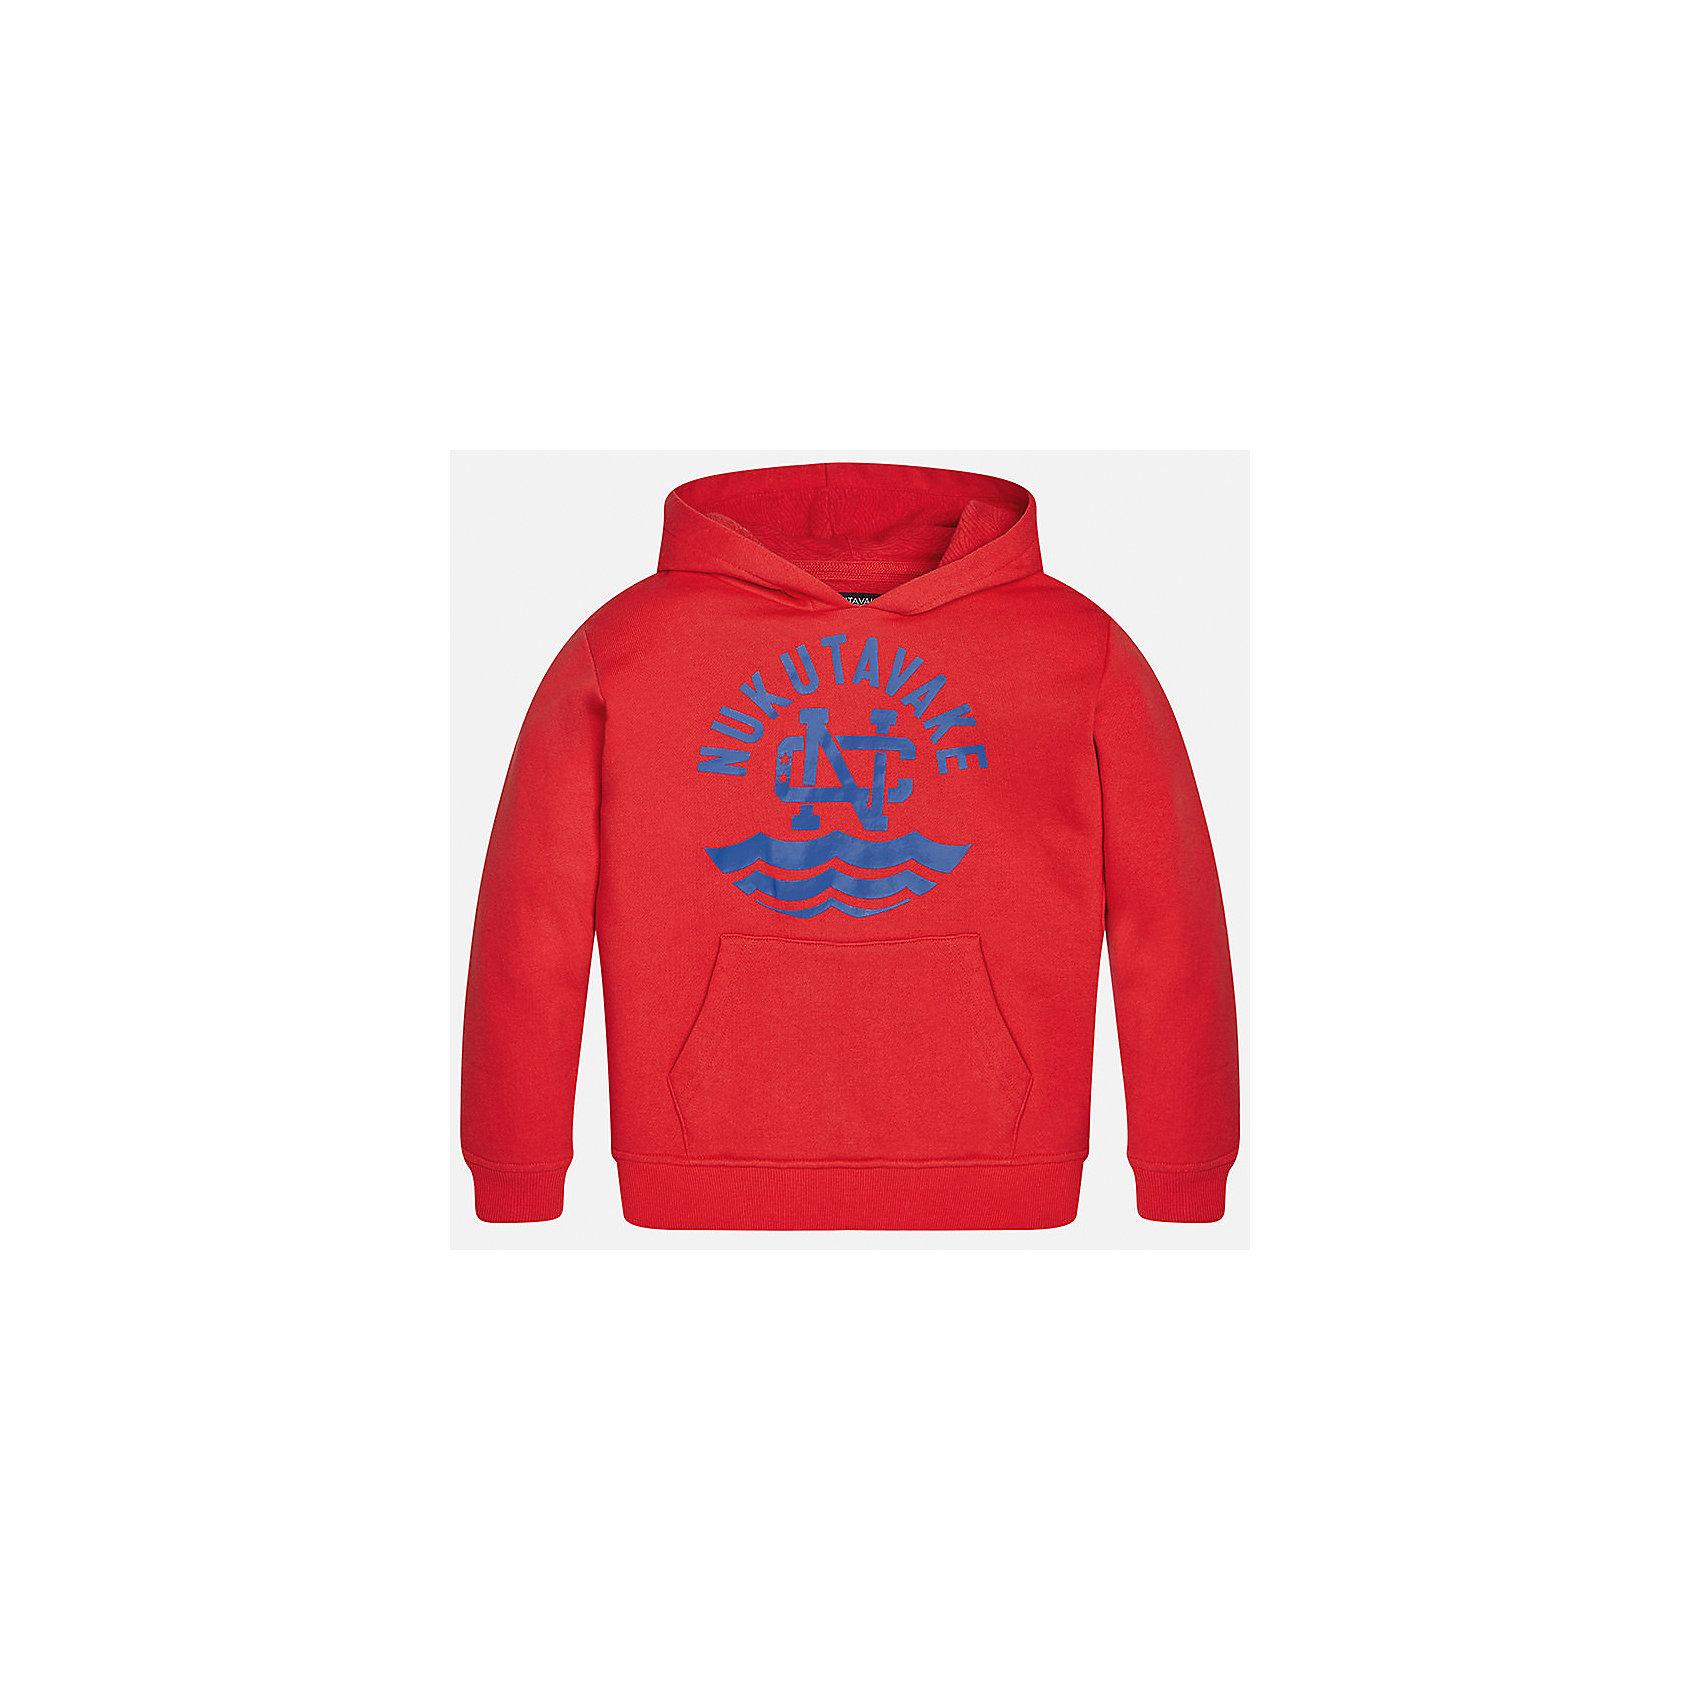 Толстовка для мальчика MayoralТолстовки<br>Характеристики товара:<br><br>• цвет: красный<br>• состав: 60% хлопок, 4л% полиэстер<br>• рукава длинные <br>• принт<br>• капюшон<br>• манжеты<br>• страна бренда: Испания<br><br>Удобный и красивый свитер для мальчика поможет разнообразить гардероб ребенка и обеспечить тепло. Он отлично сочетается и с джинсами, и с брюками. Универсальный цвет позволяет подобрать к вещи низ различных расцветок. Интересная отделка модели делает её нарядной и оригинальной. В составе материала - натуральный хлопок, гипоаллергенный, приятный на ощупь, дышащий.<br><br>Одежда, обувь и аксессуары от испанского бренда Mayoral полюбились детям и взрослым по всему миру. Модели этой марки - стильные и удобные. Для их производства используются только безопасные, качественные материалы и фурнитура. Порадуйте ребенка модными и красивыми вещами от Mayoral! <br><br>Свитер для мальчика от испанского бренда Mayoral (Майорал) можно купить в нашем интернет-магазине.<br><br>Ширина мм: 190<br>Глубина мм: 74<br>Высота мм: 229<br>Вес г: 236<br>Цвет: розовый<br>Возраст от месяцев: 144<br>Возраст до месяцев: 156<br>Пол: Мужской<br>Возраст: Детский<br>Размер: 164,152,140,128/134,158,170<br>SKU: 5281867